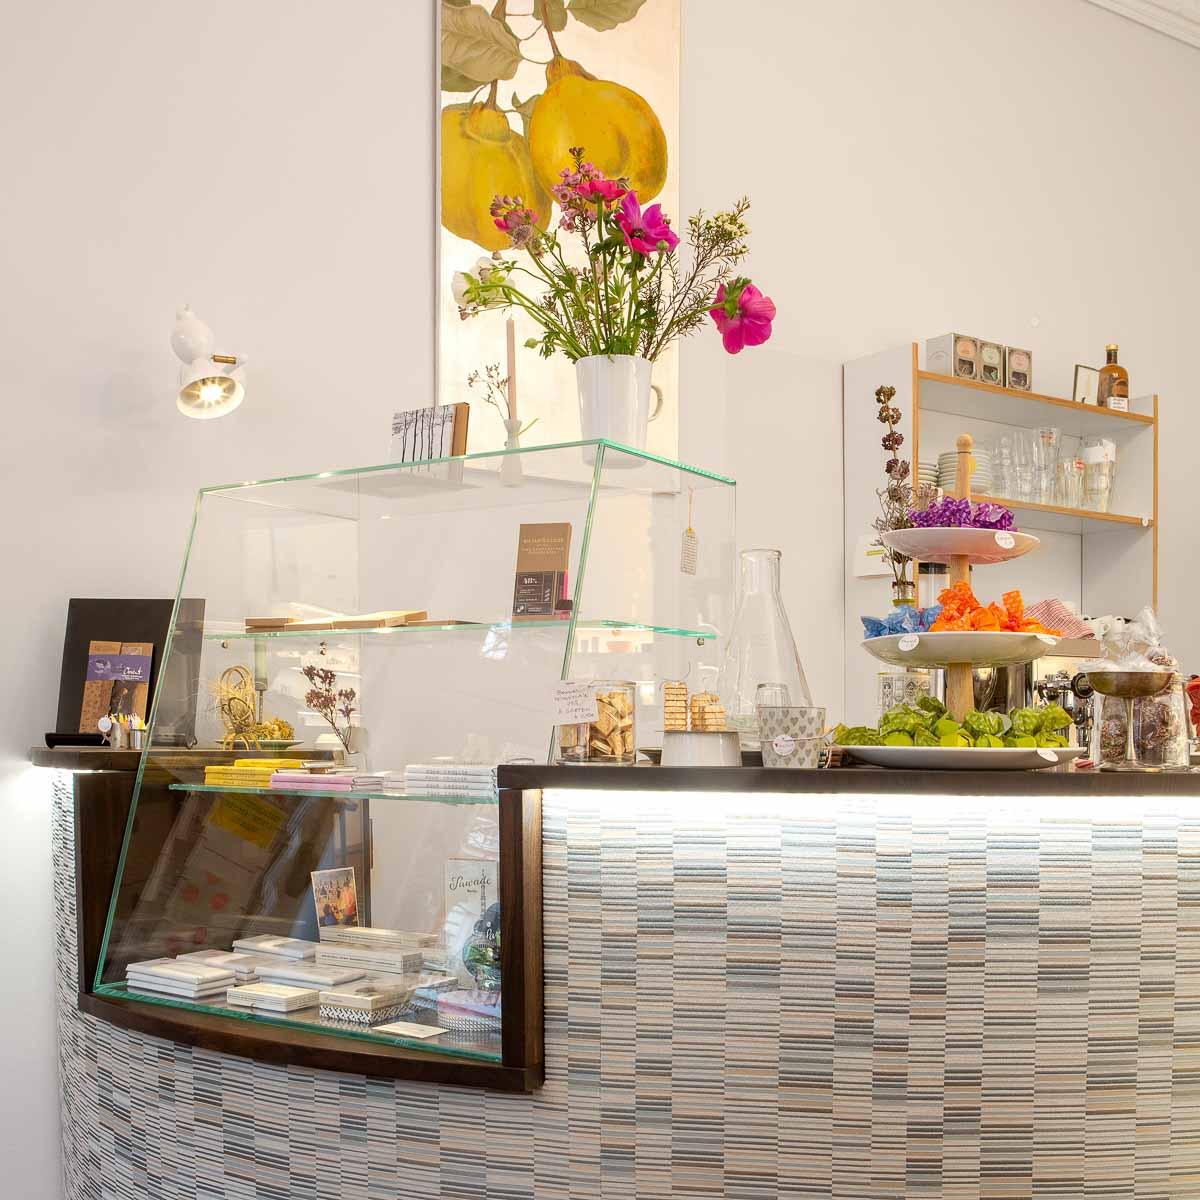 Muoto Café Concept Store und Schokoladen in Kreuzberg-7